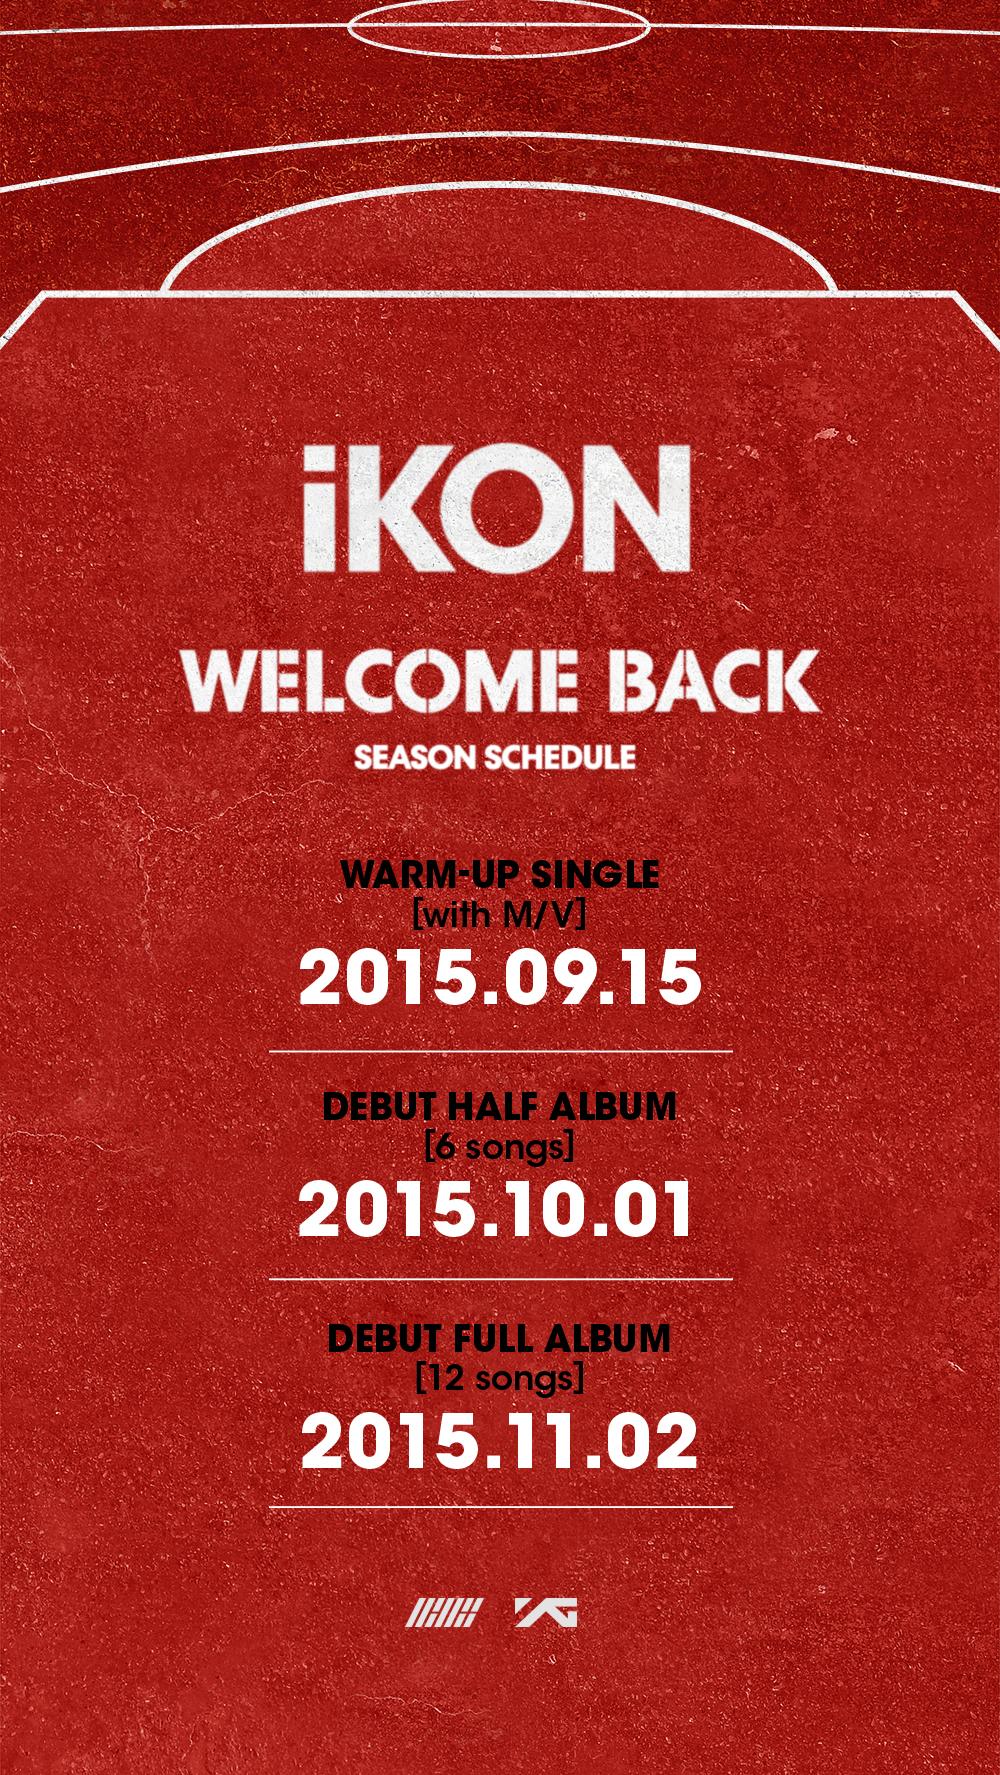 啾都嗎德~(等一下),YG還有一個壓最久遲遲不出道的新人男團iKON等著排隊呢!今早最新公佈,回歸先行曲訂於9月15日公開,10月正式發表出道專輯,而且會持續到年底呢~粉絲們是不是超期待的啊??